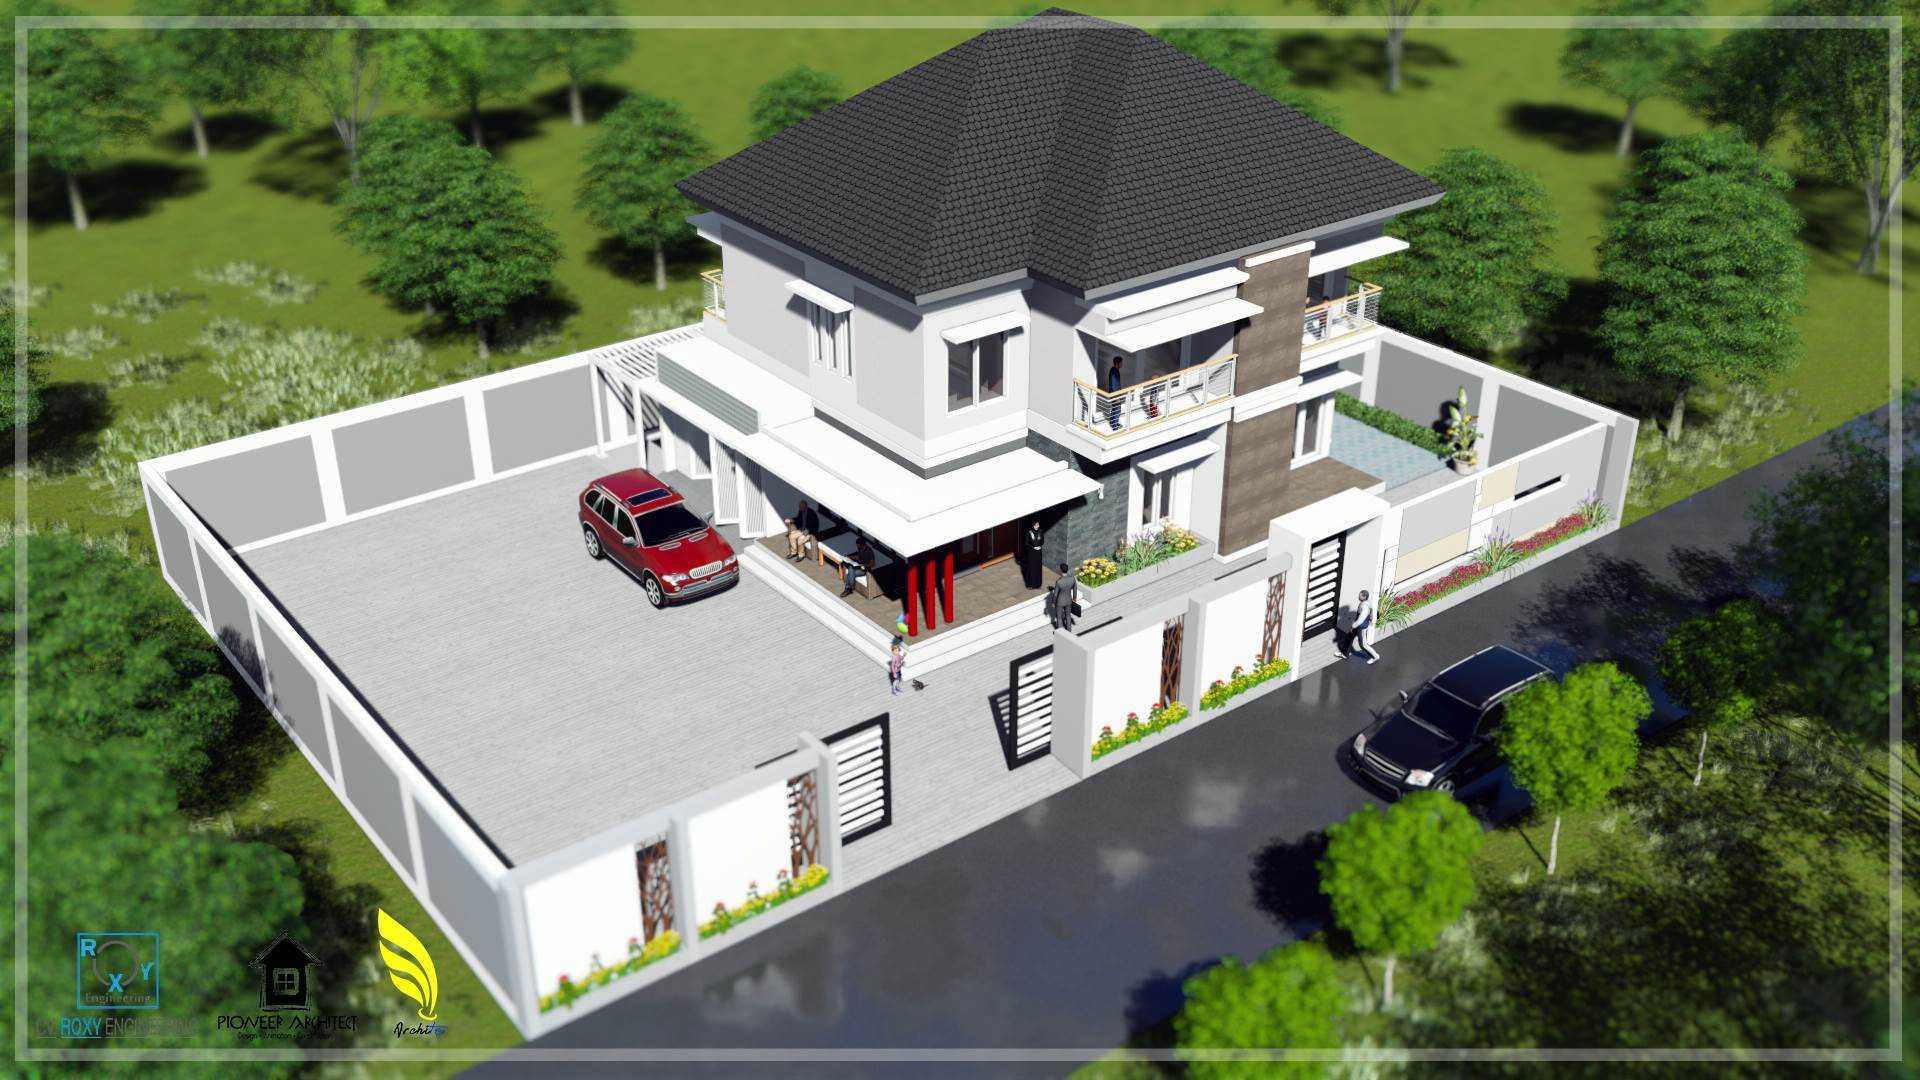 Pionner Architect N House Banda Aceh, Kota Banda Aceh, Aceh, Indonesia Banda Aceh, Kota Banda Aceh, Aceh, Indonesia Perspektif Depan Modern  43281